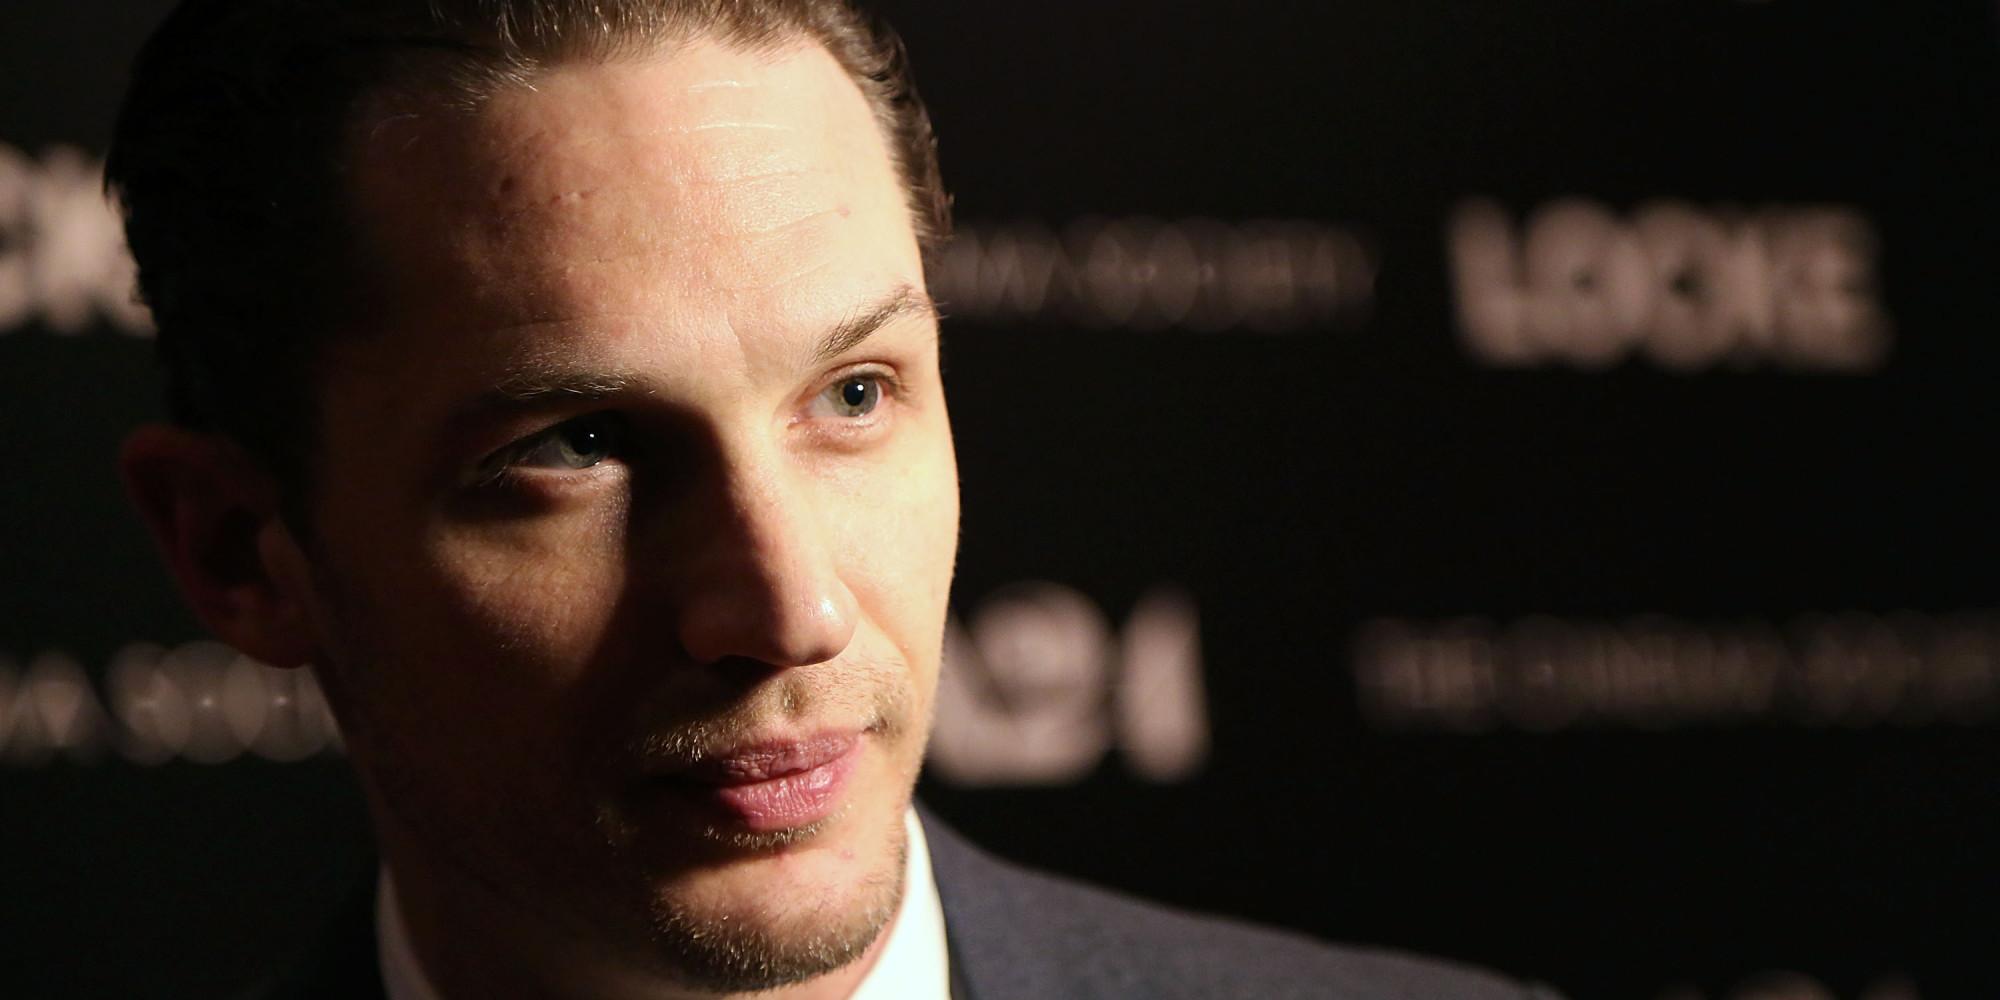 Tom Hardy Describes New Film 'Locke' As A 'Contemporary